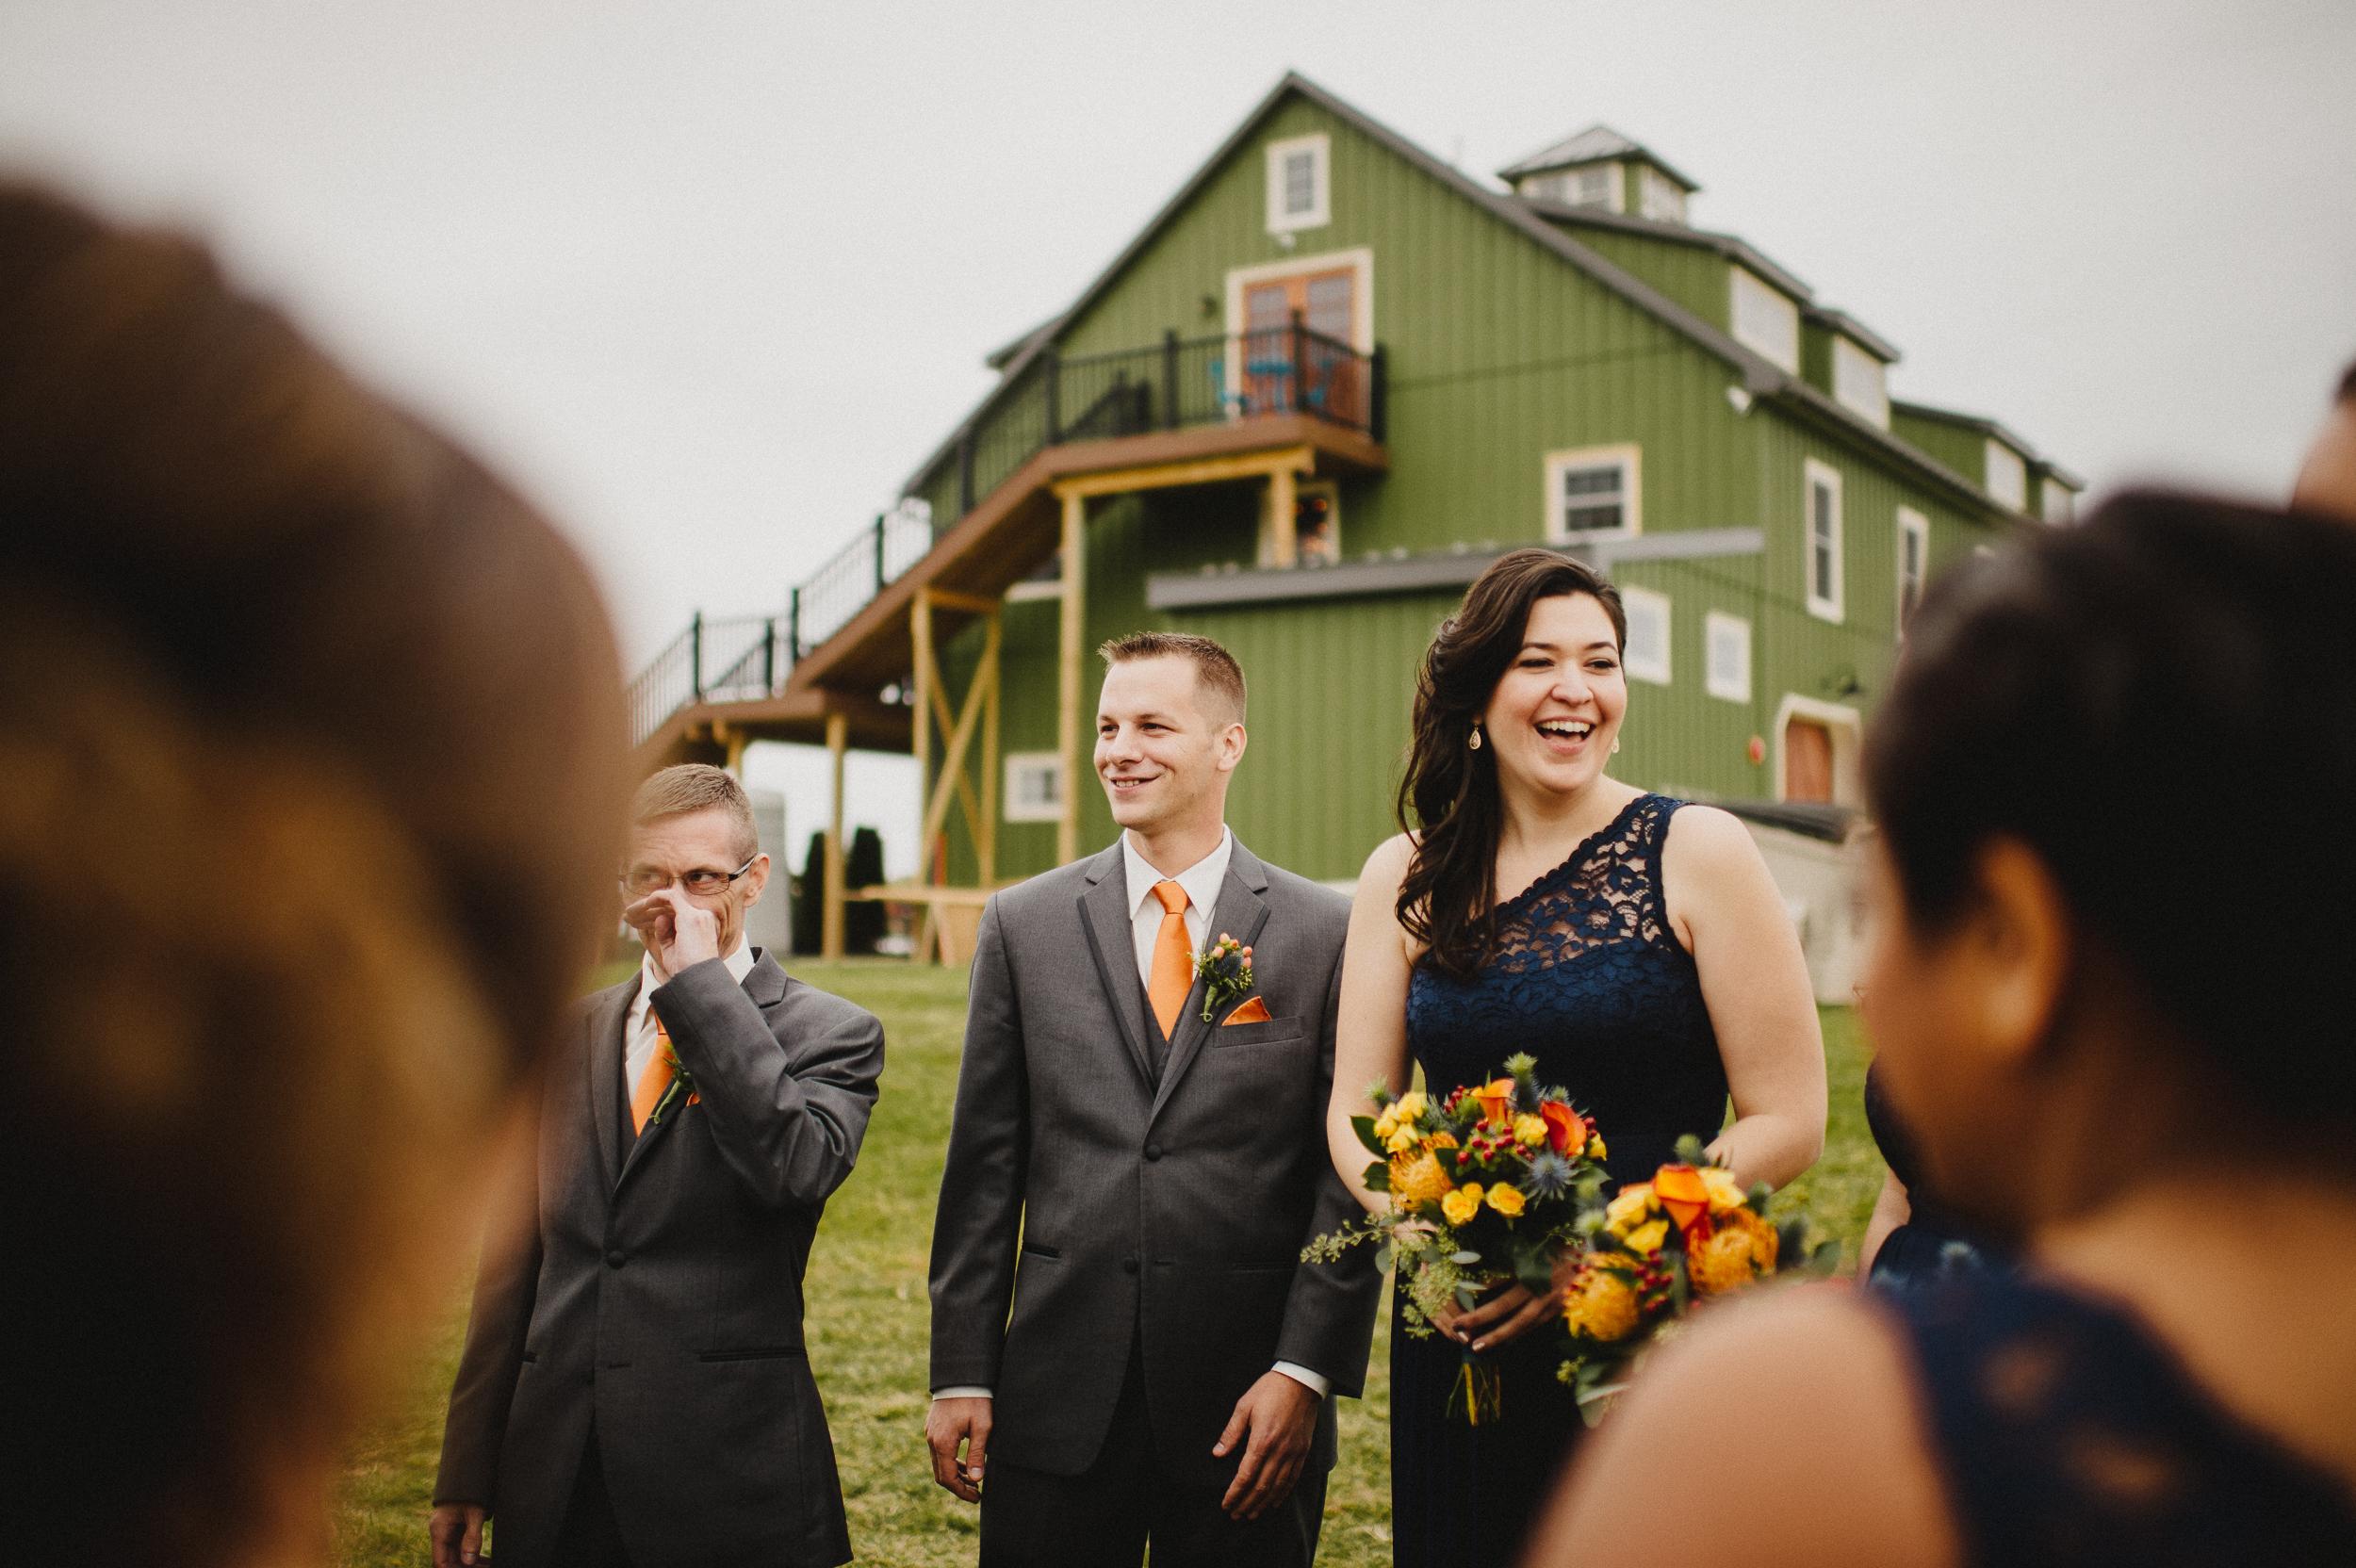 thousand-acre-farm-wedding-photographer-47.jpg